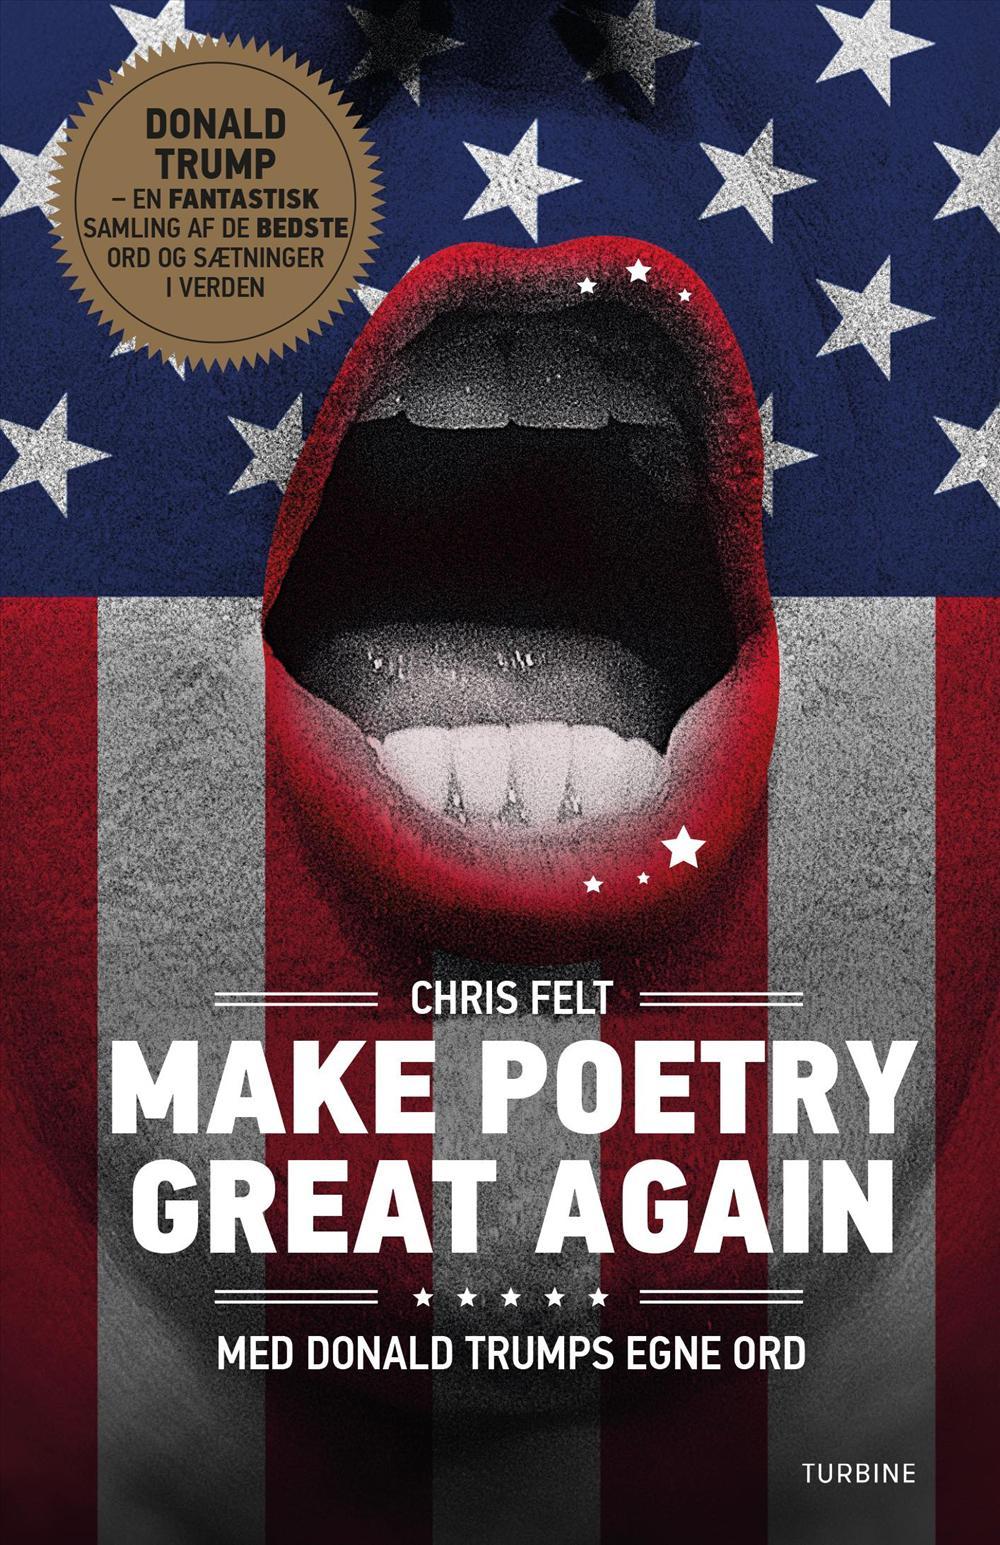 Make poetry great again